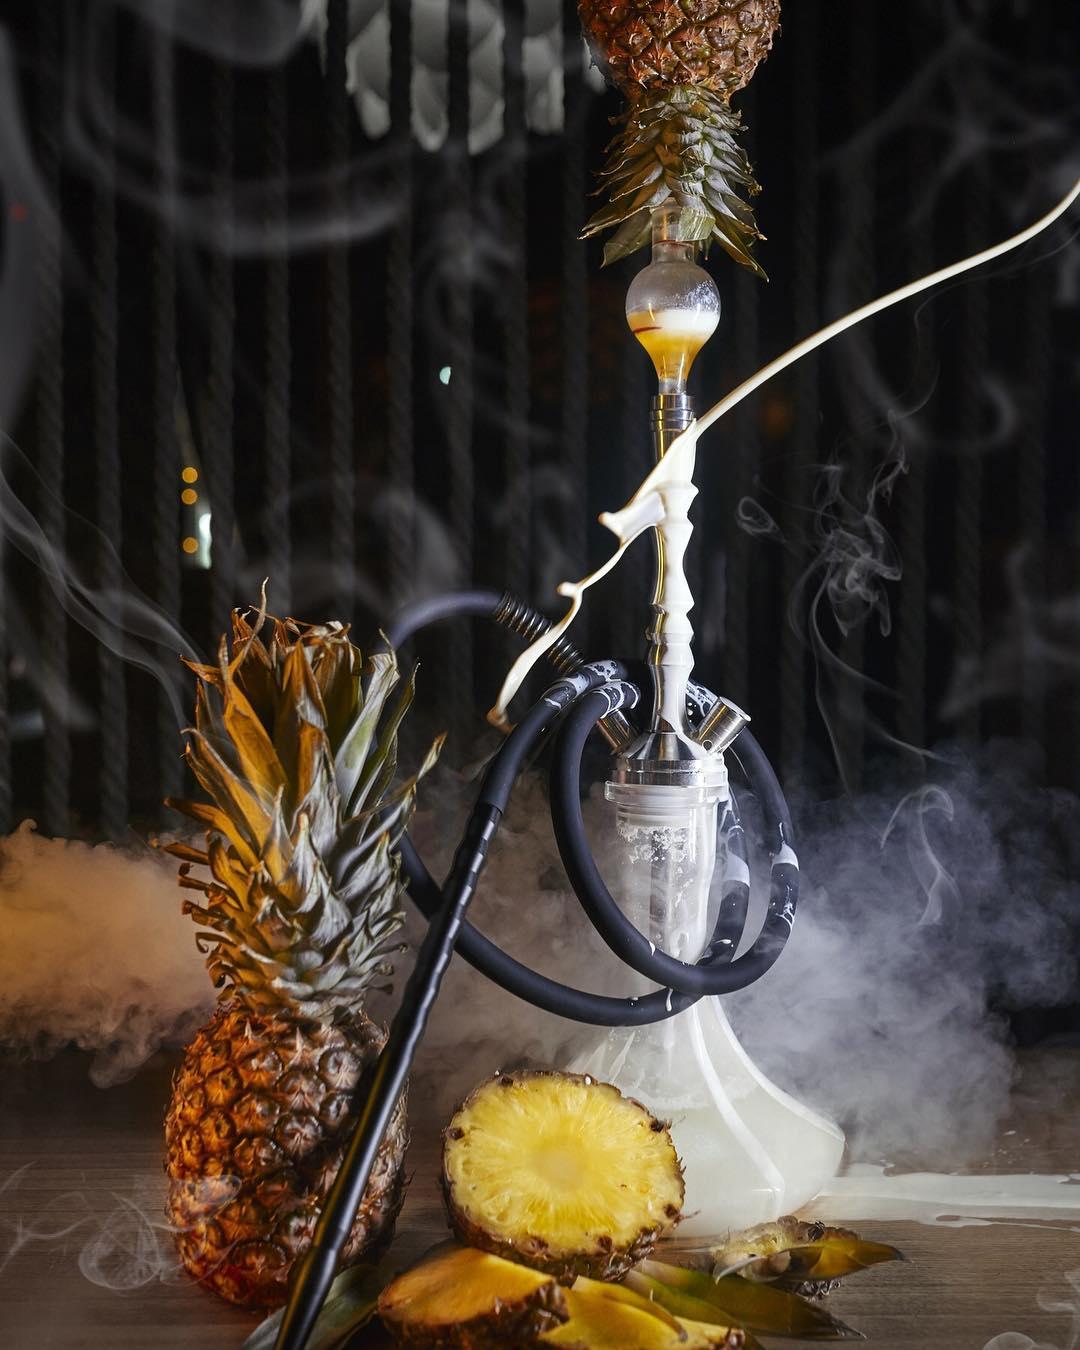 этом фото кальянов с фруктами предлагают устанавливать